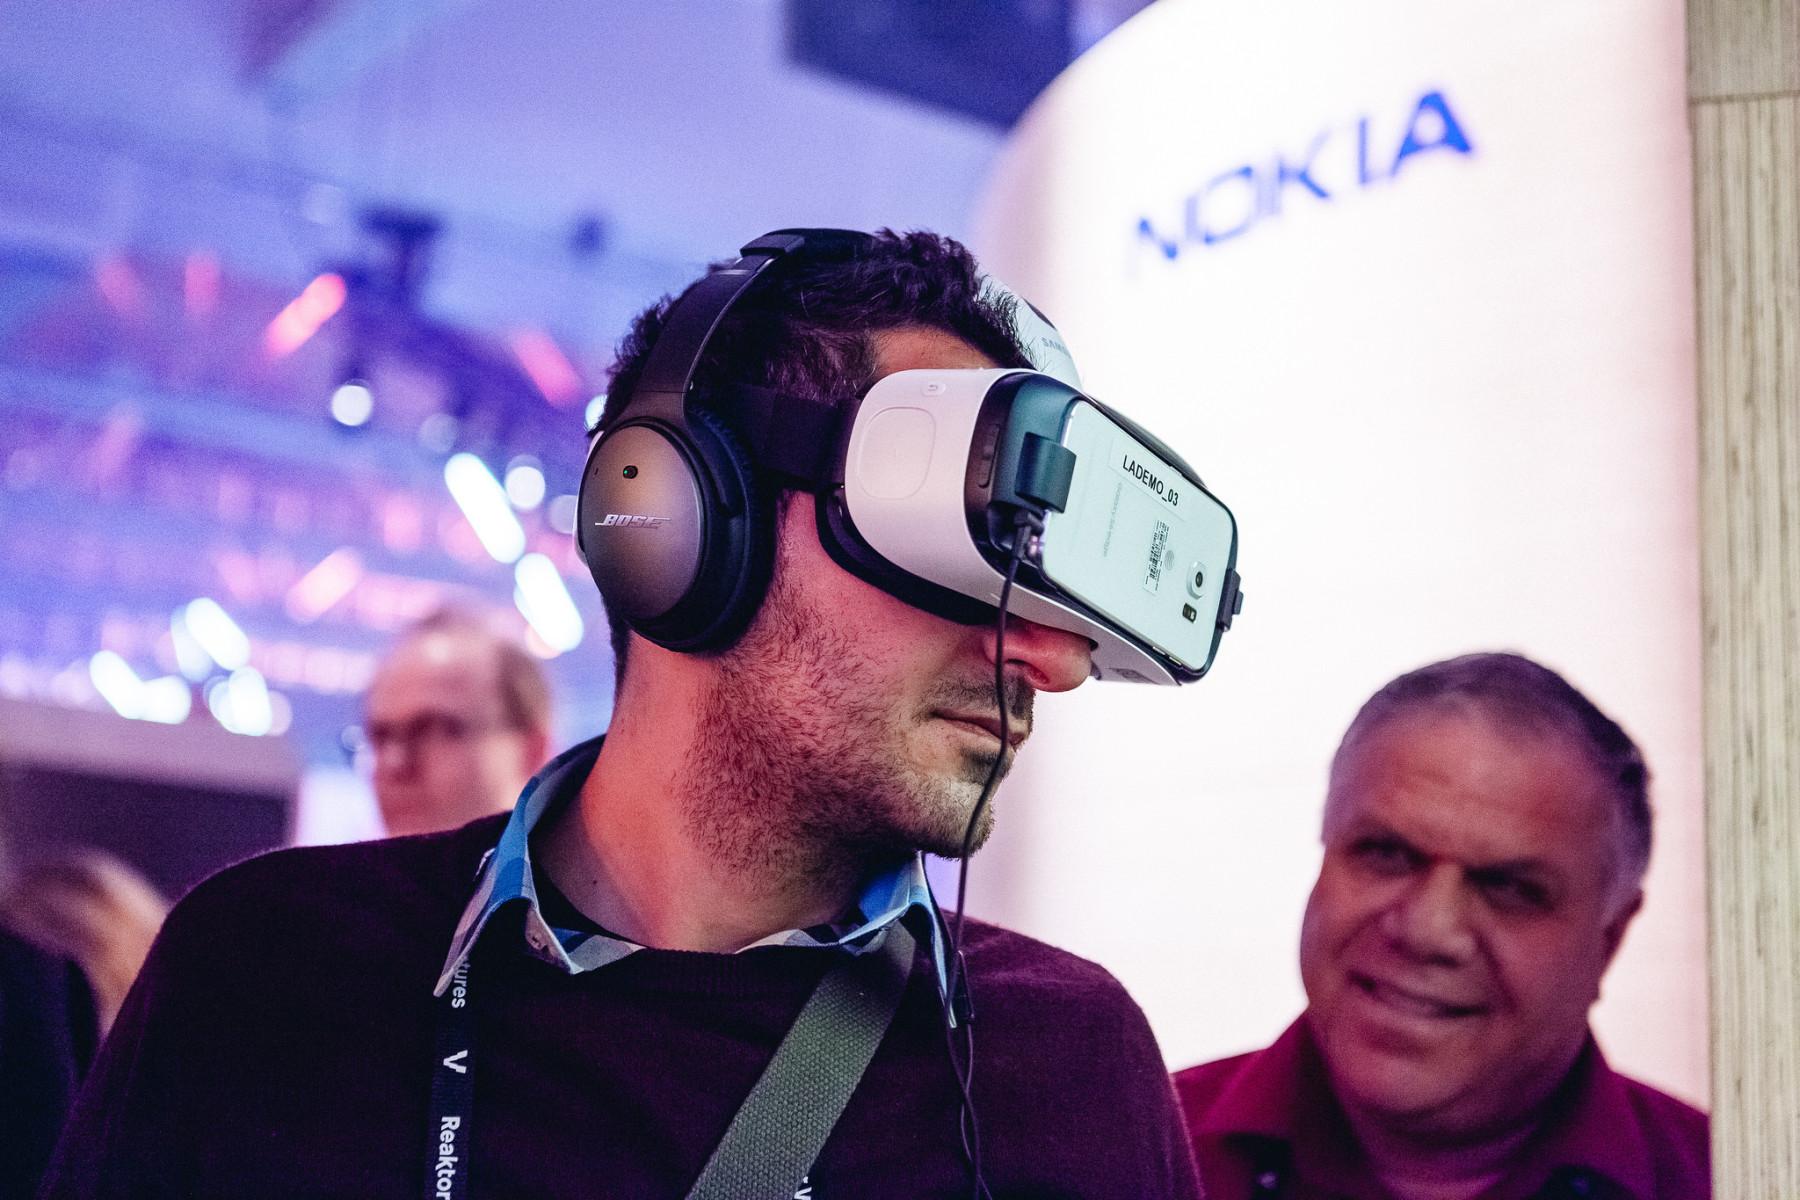 诺基亚也来到Slush,让公众体验秋季即将上市的虚拟现实摄像机。摄影:Slush media